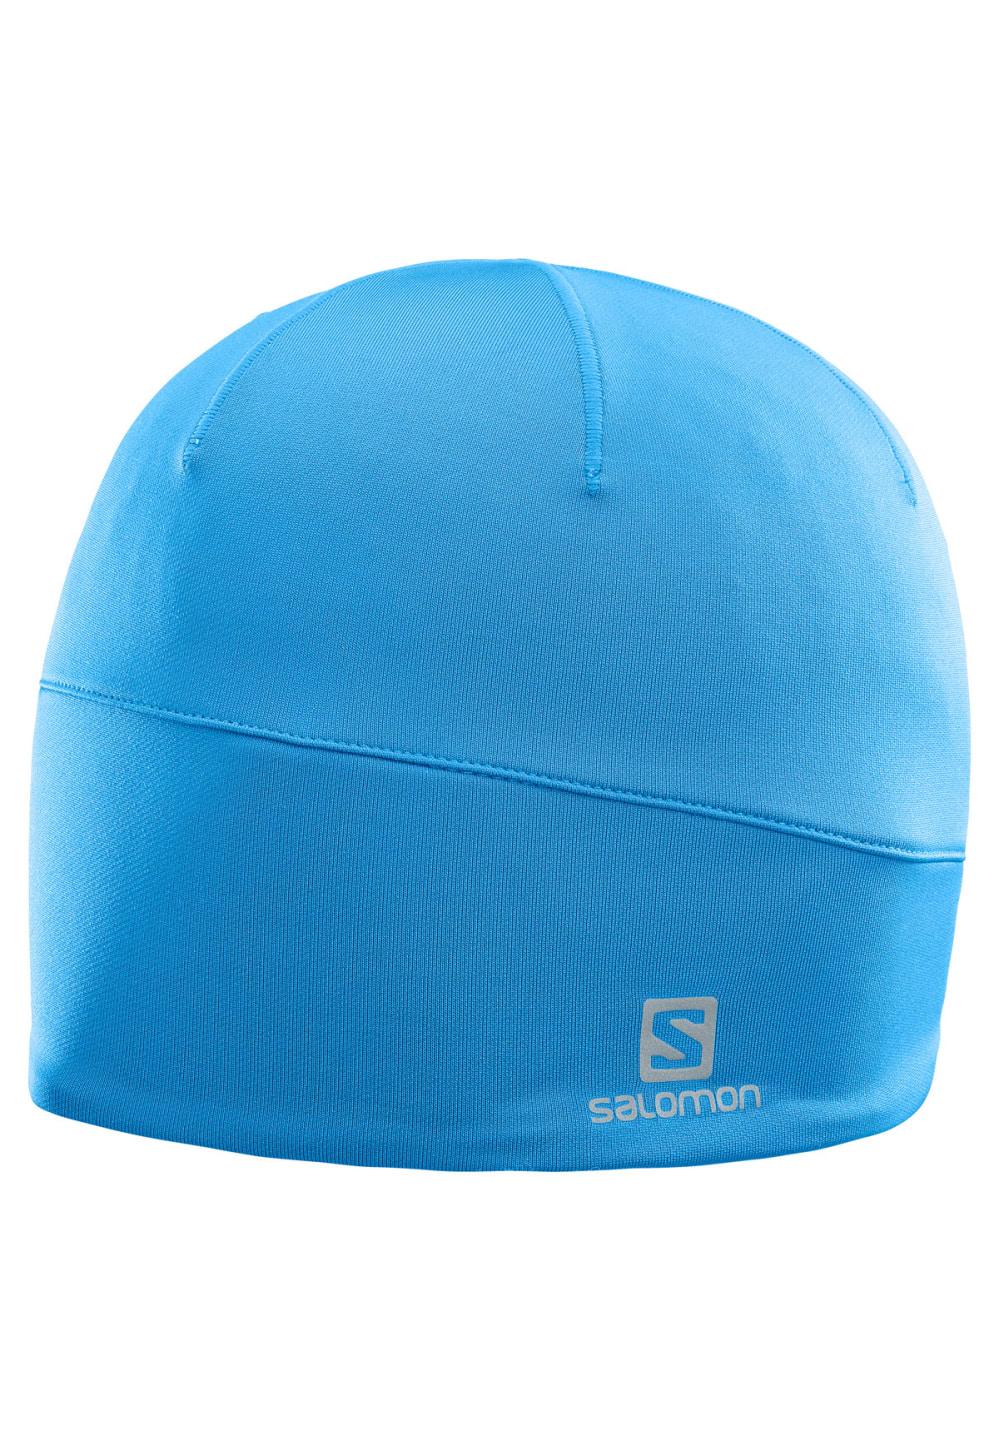 Salomon Active Beanie Mützen - Blau, Gr. One Size